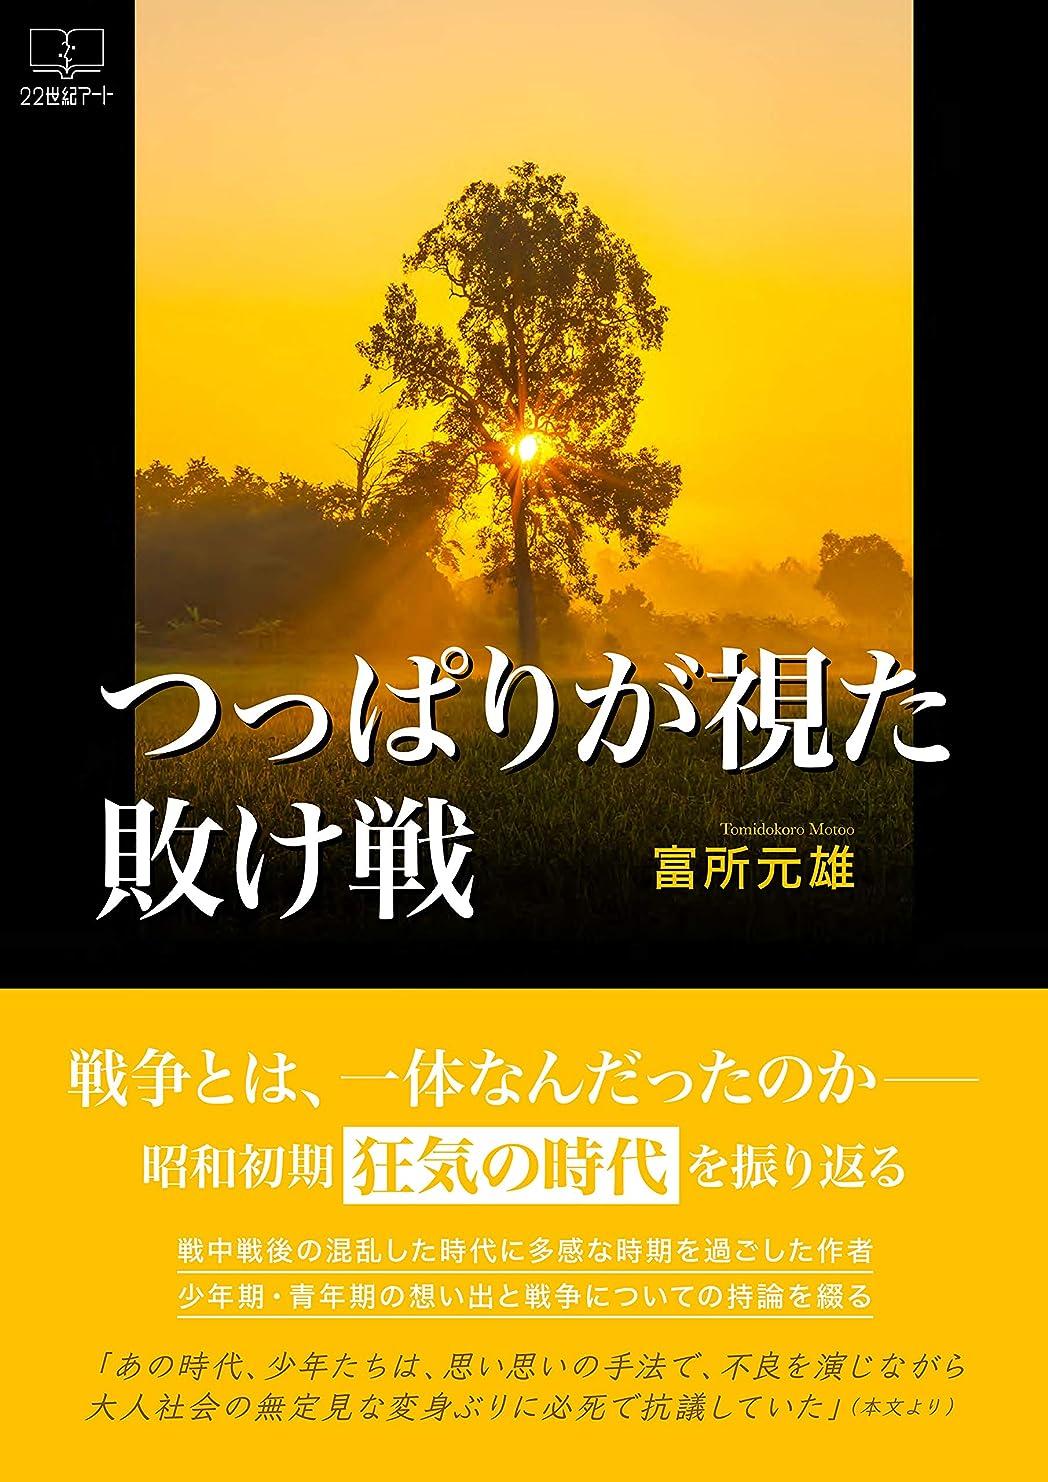 虚栄心毛布コンベンションつっぱりが視た敗け戦 (22世紀アート)